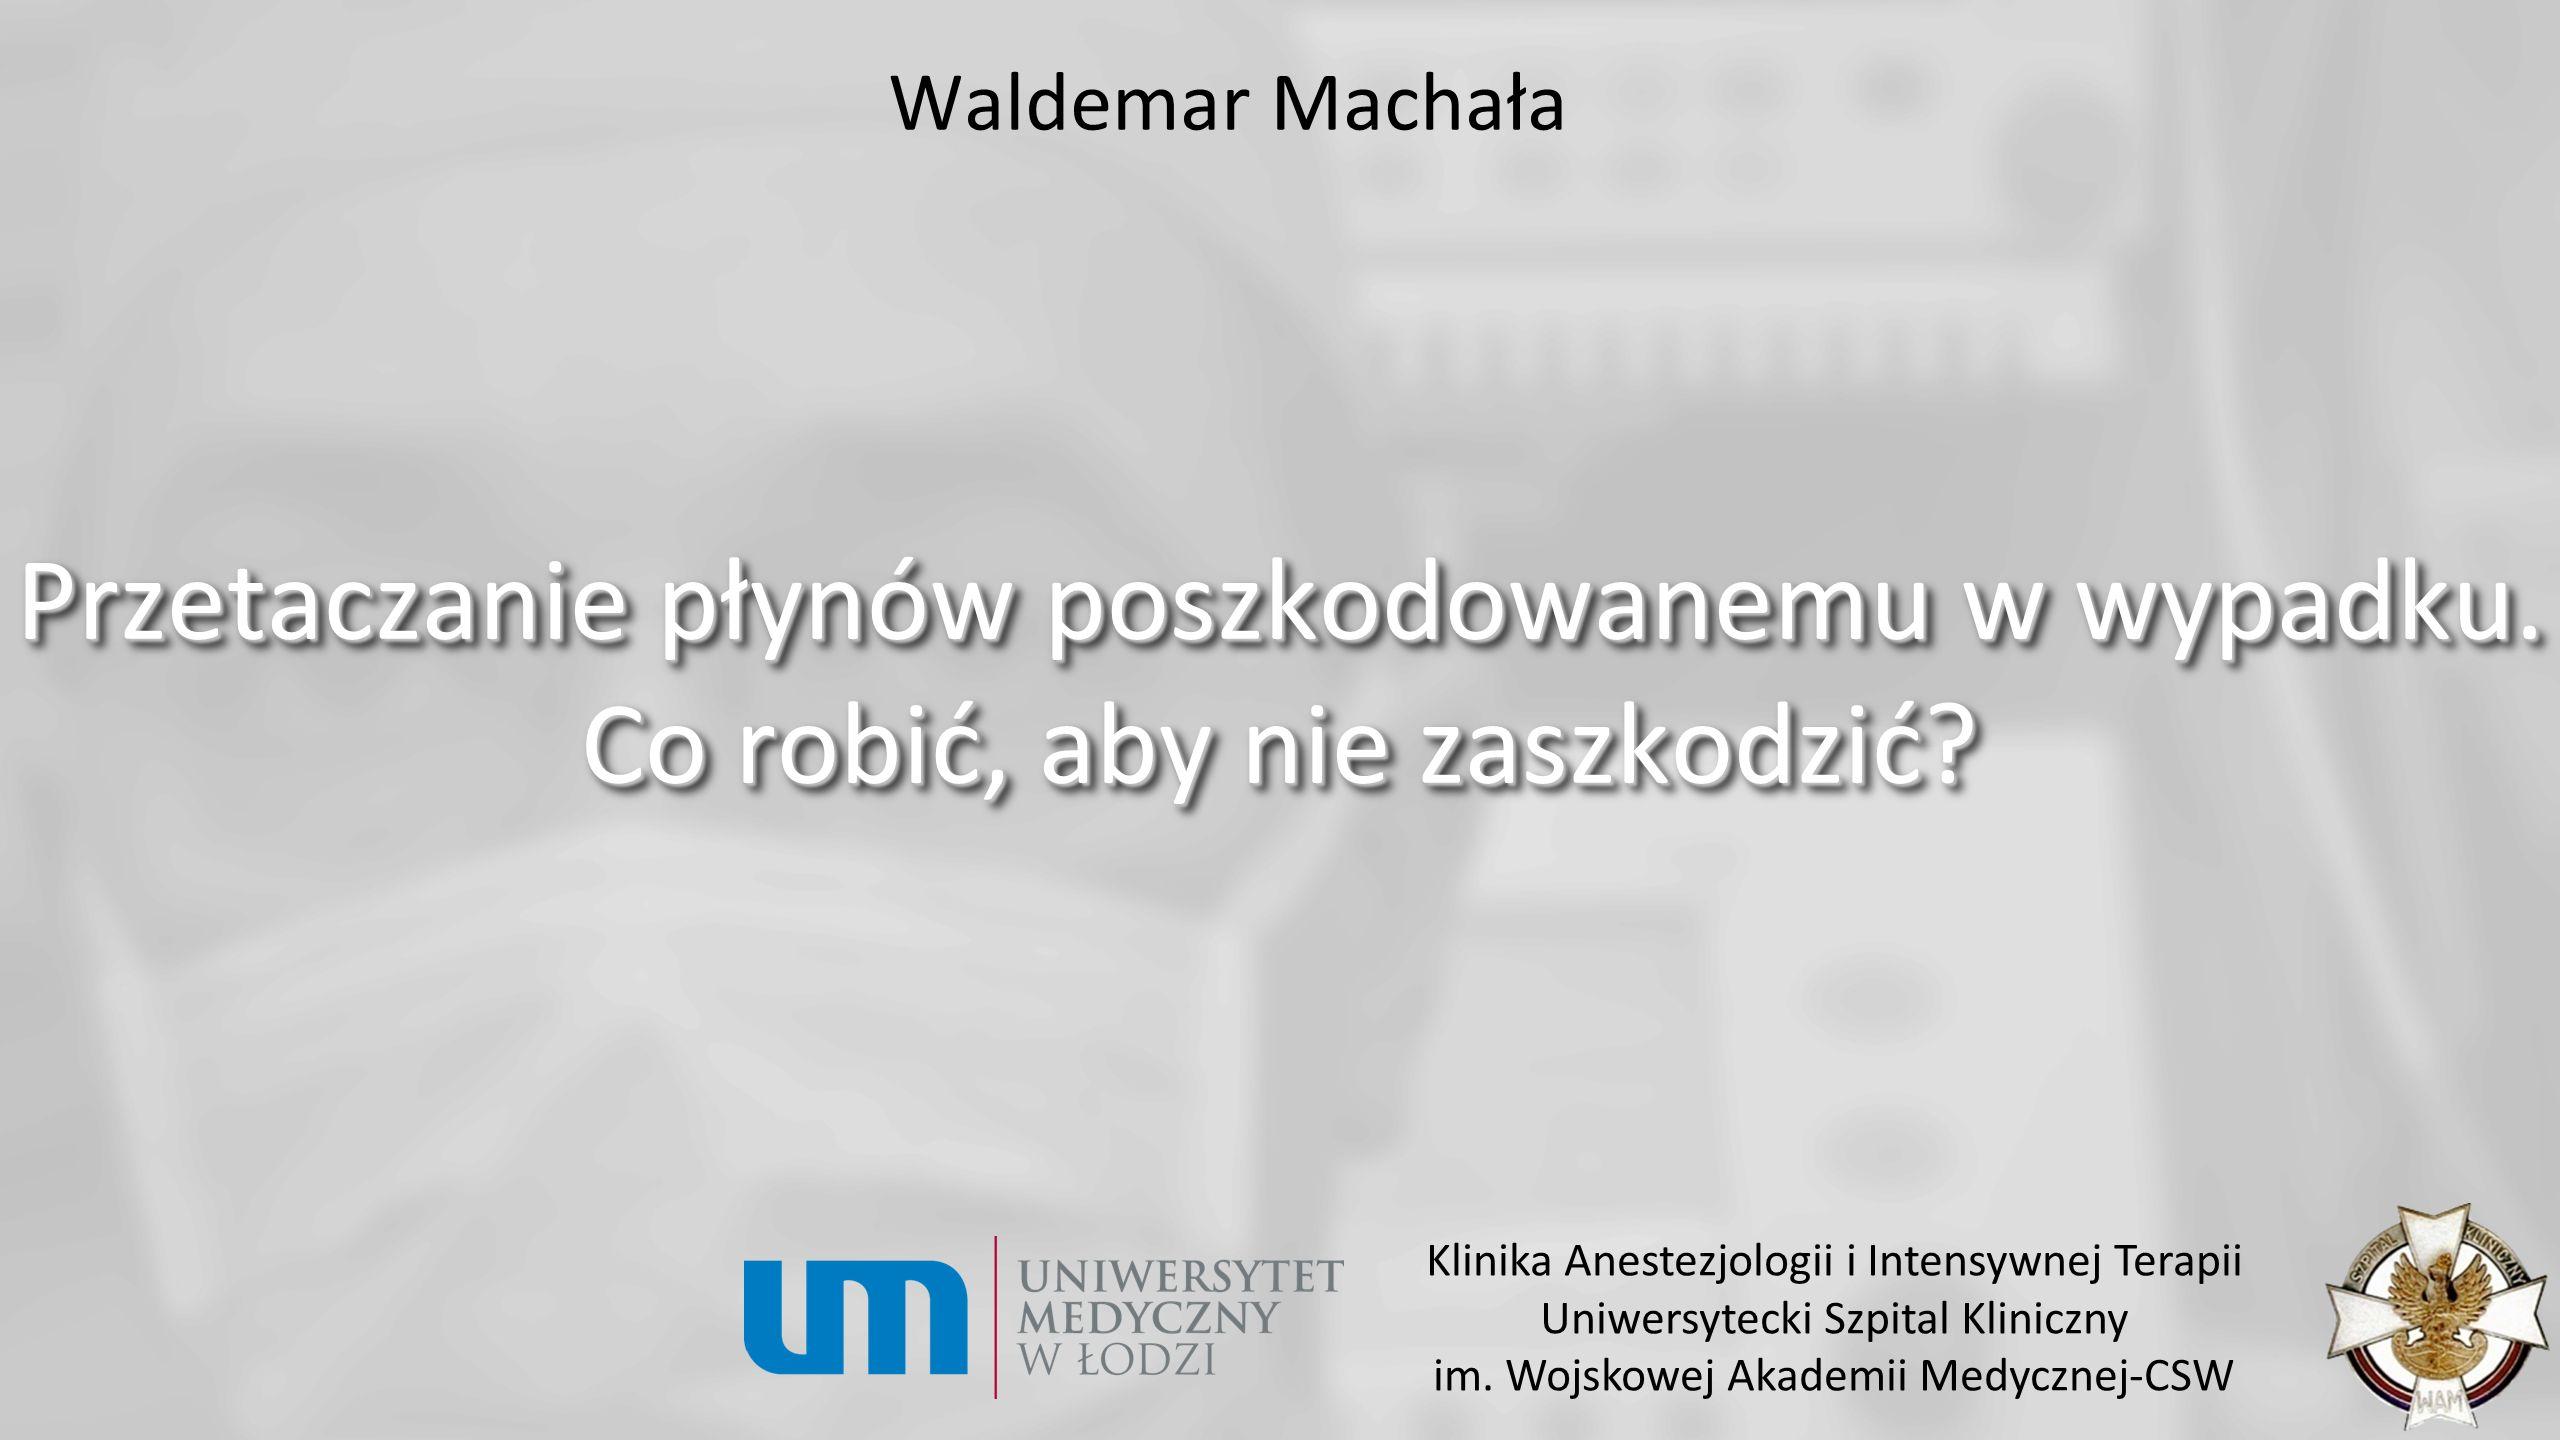 Waldemar Machała Przetaczanie płynów poszkodowanemu w wypadku. Co robić, aby nie zaszkodzić? Klinika Anestezjologii i Intensywnej Terapii Uniwersyteck